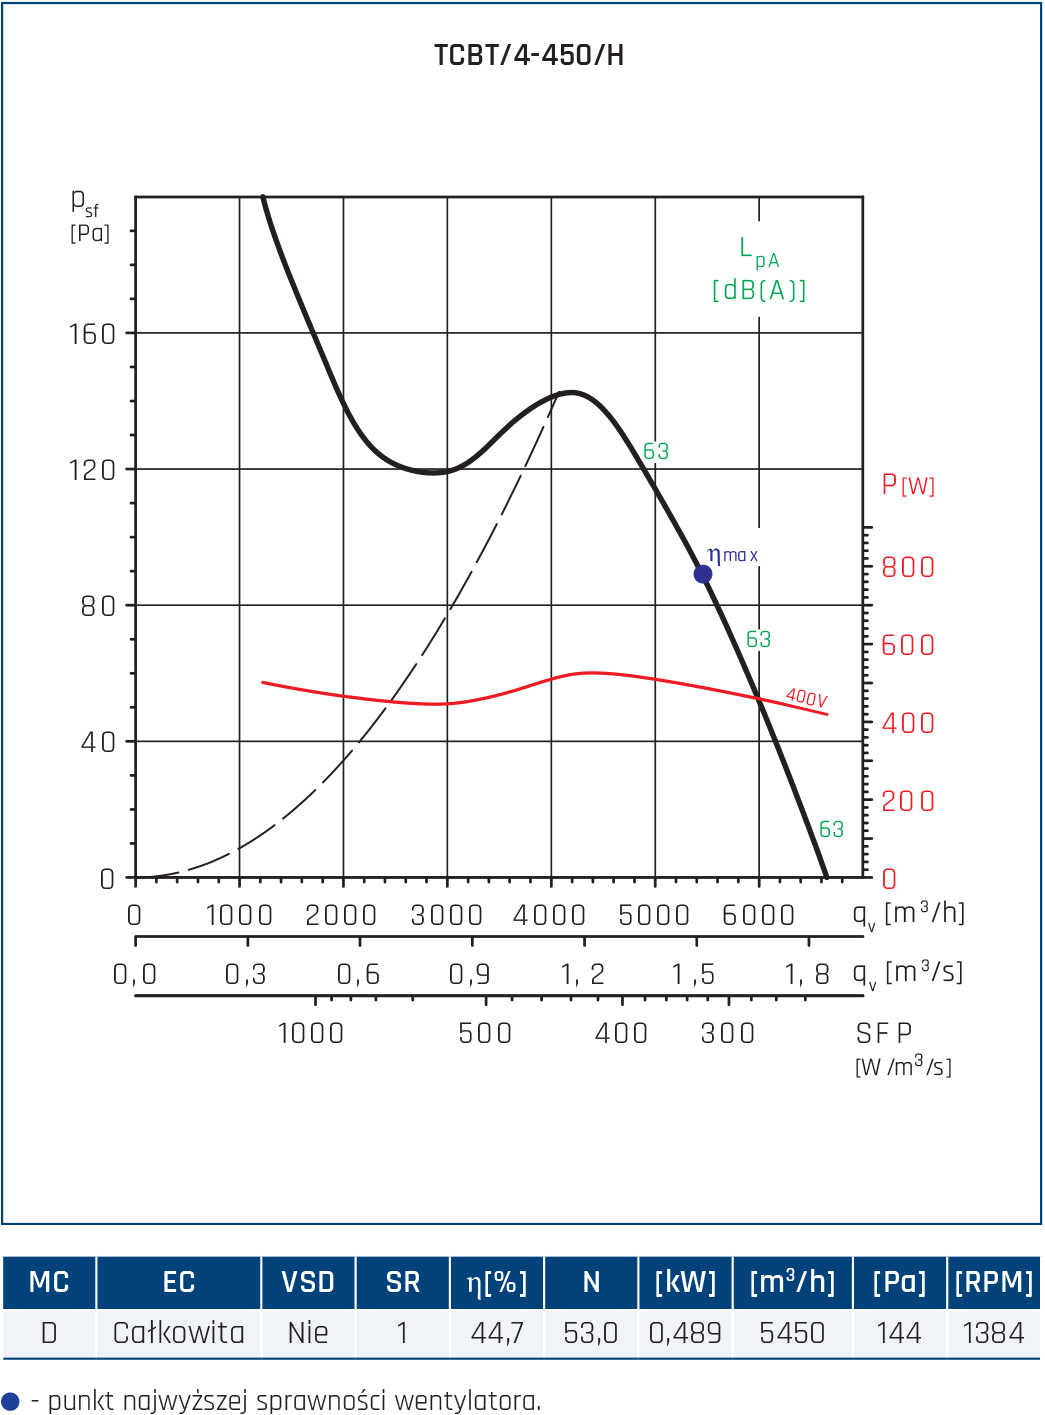 Wentylator Compact TCBB/TCBT 36